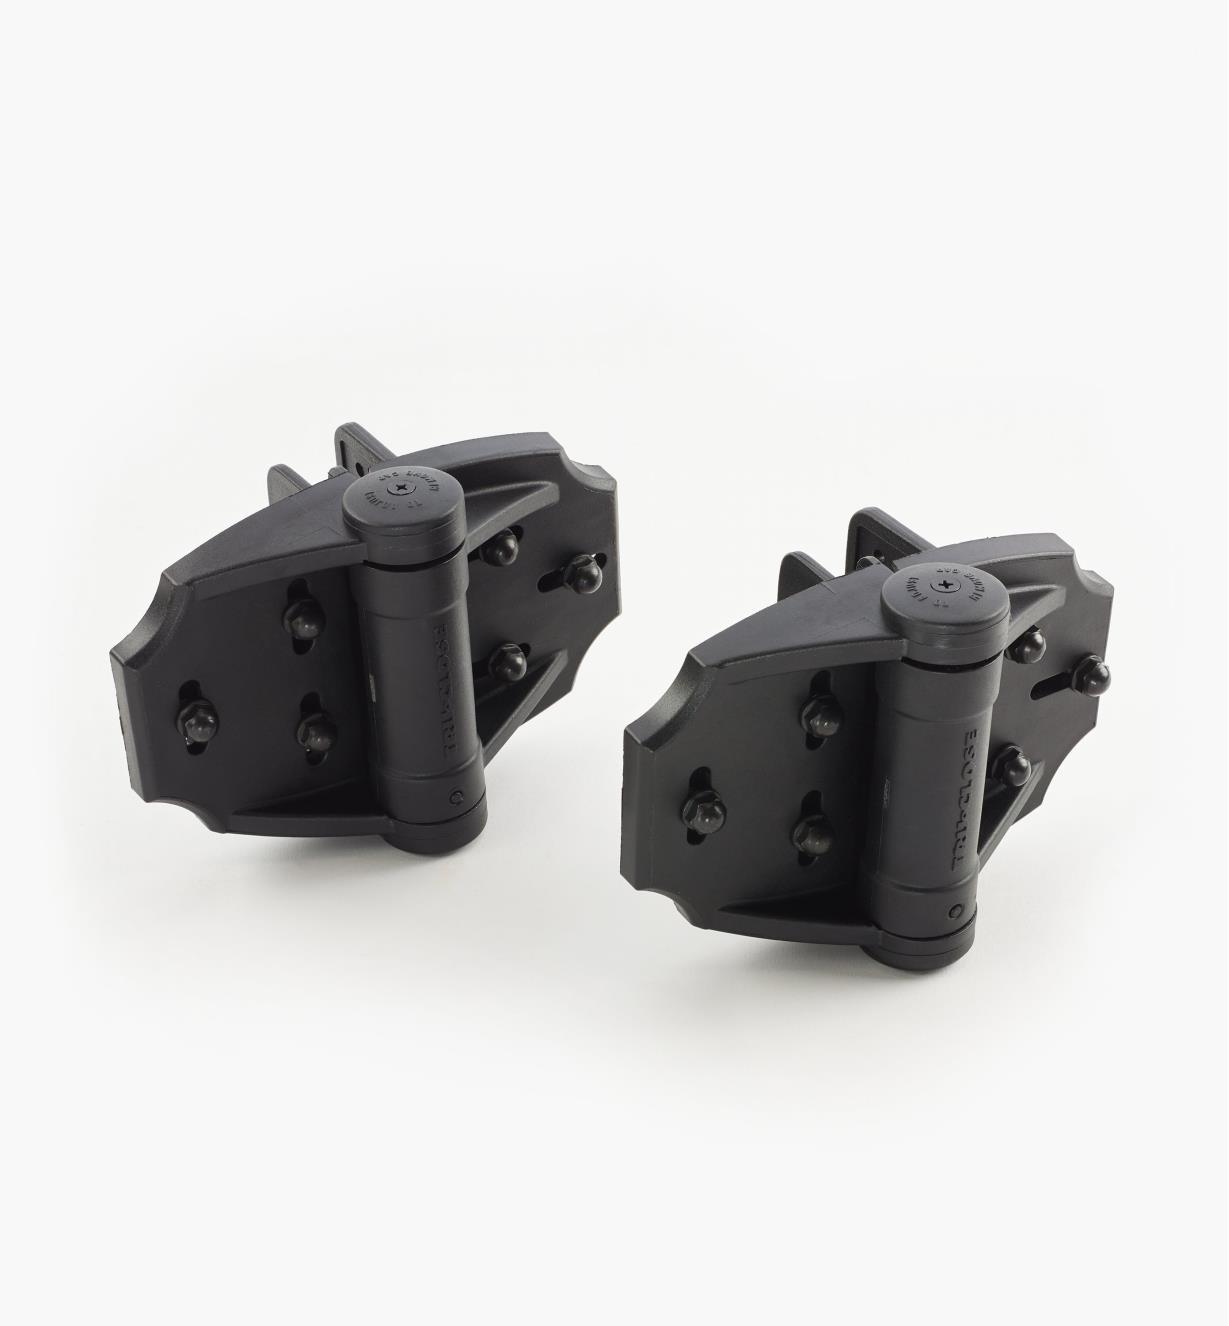 01S1640 - Multi-Fit Hinges, pr.